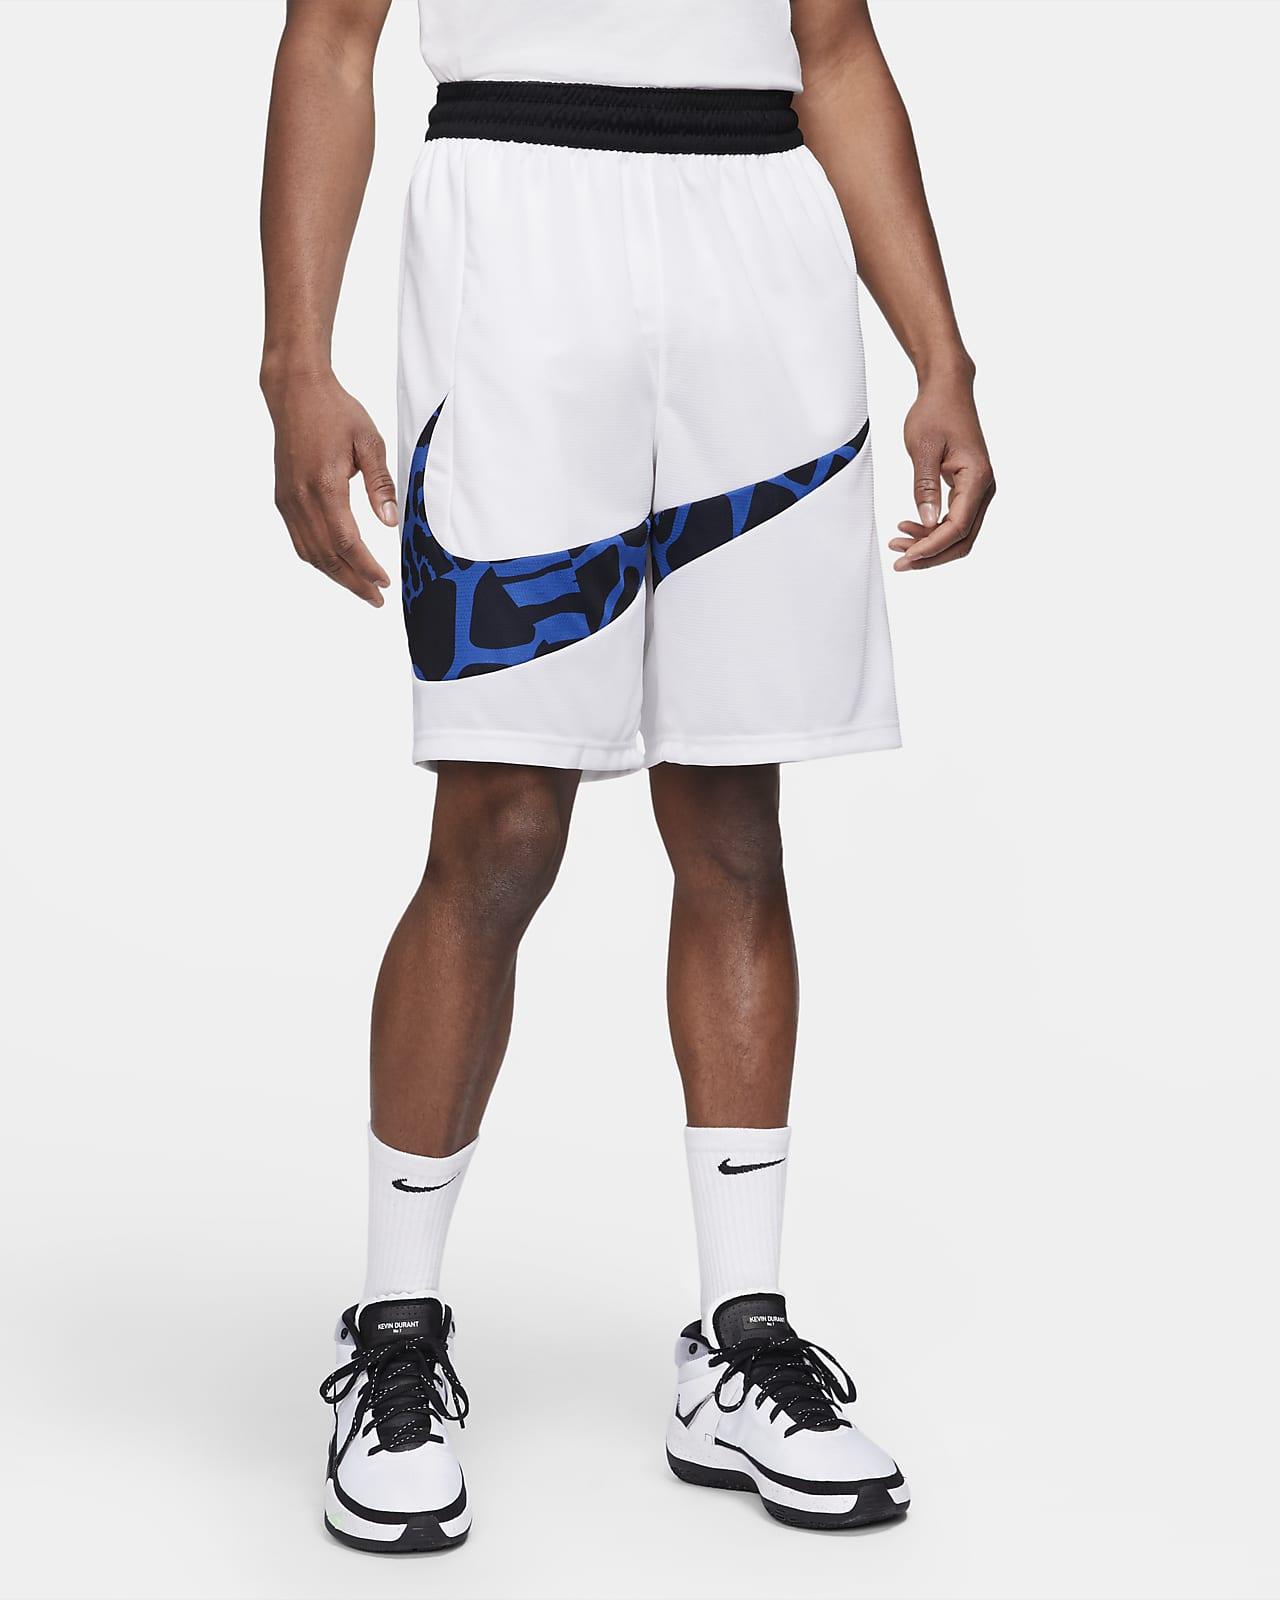 Nike Dri-FIT 2.0 Basketballshorts mit Print für Herren